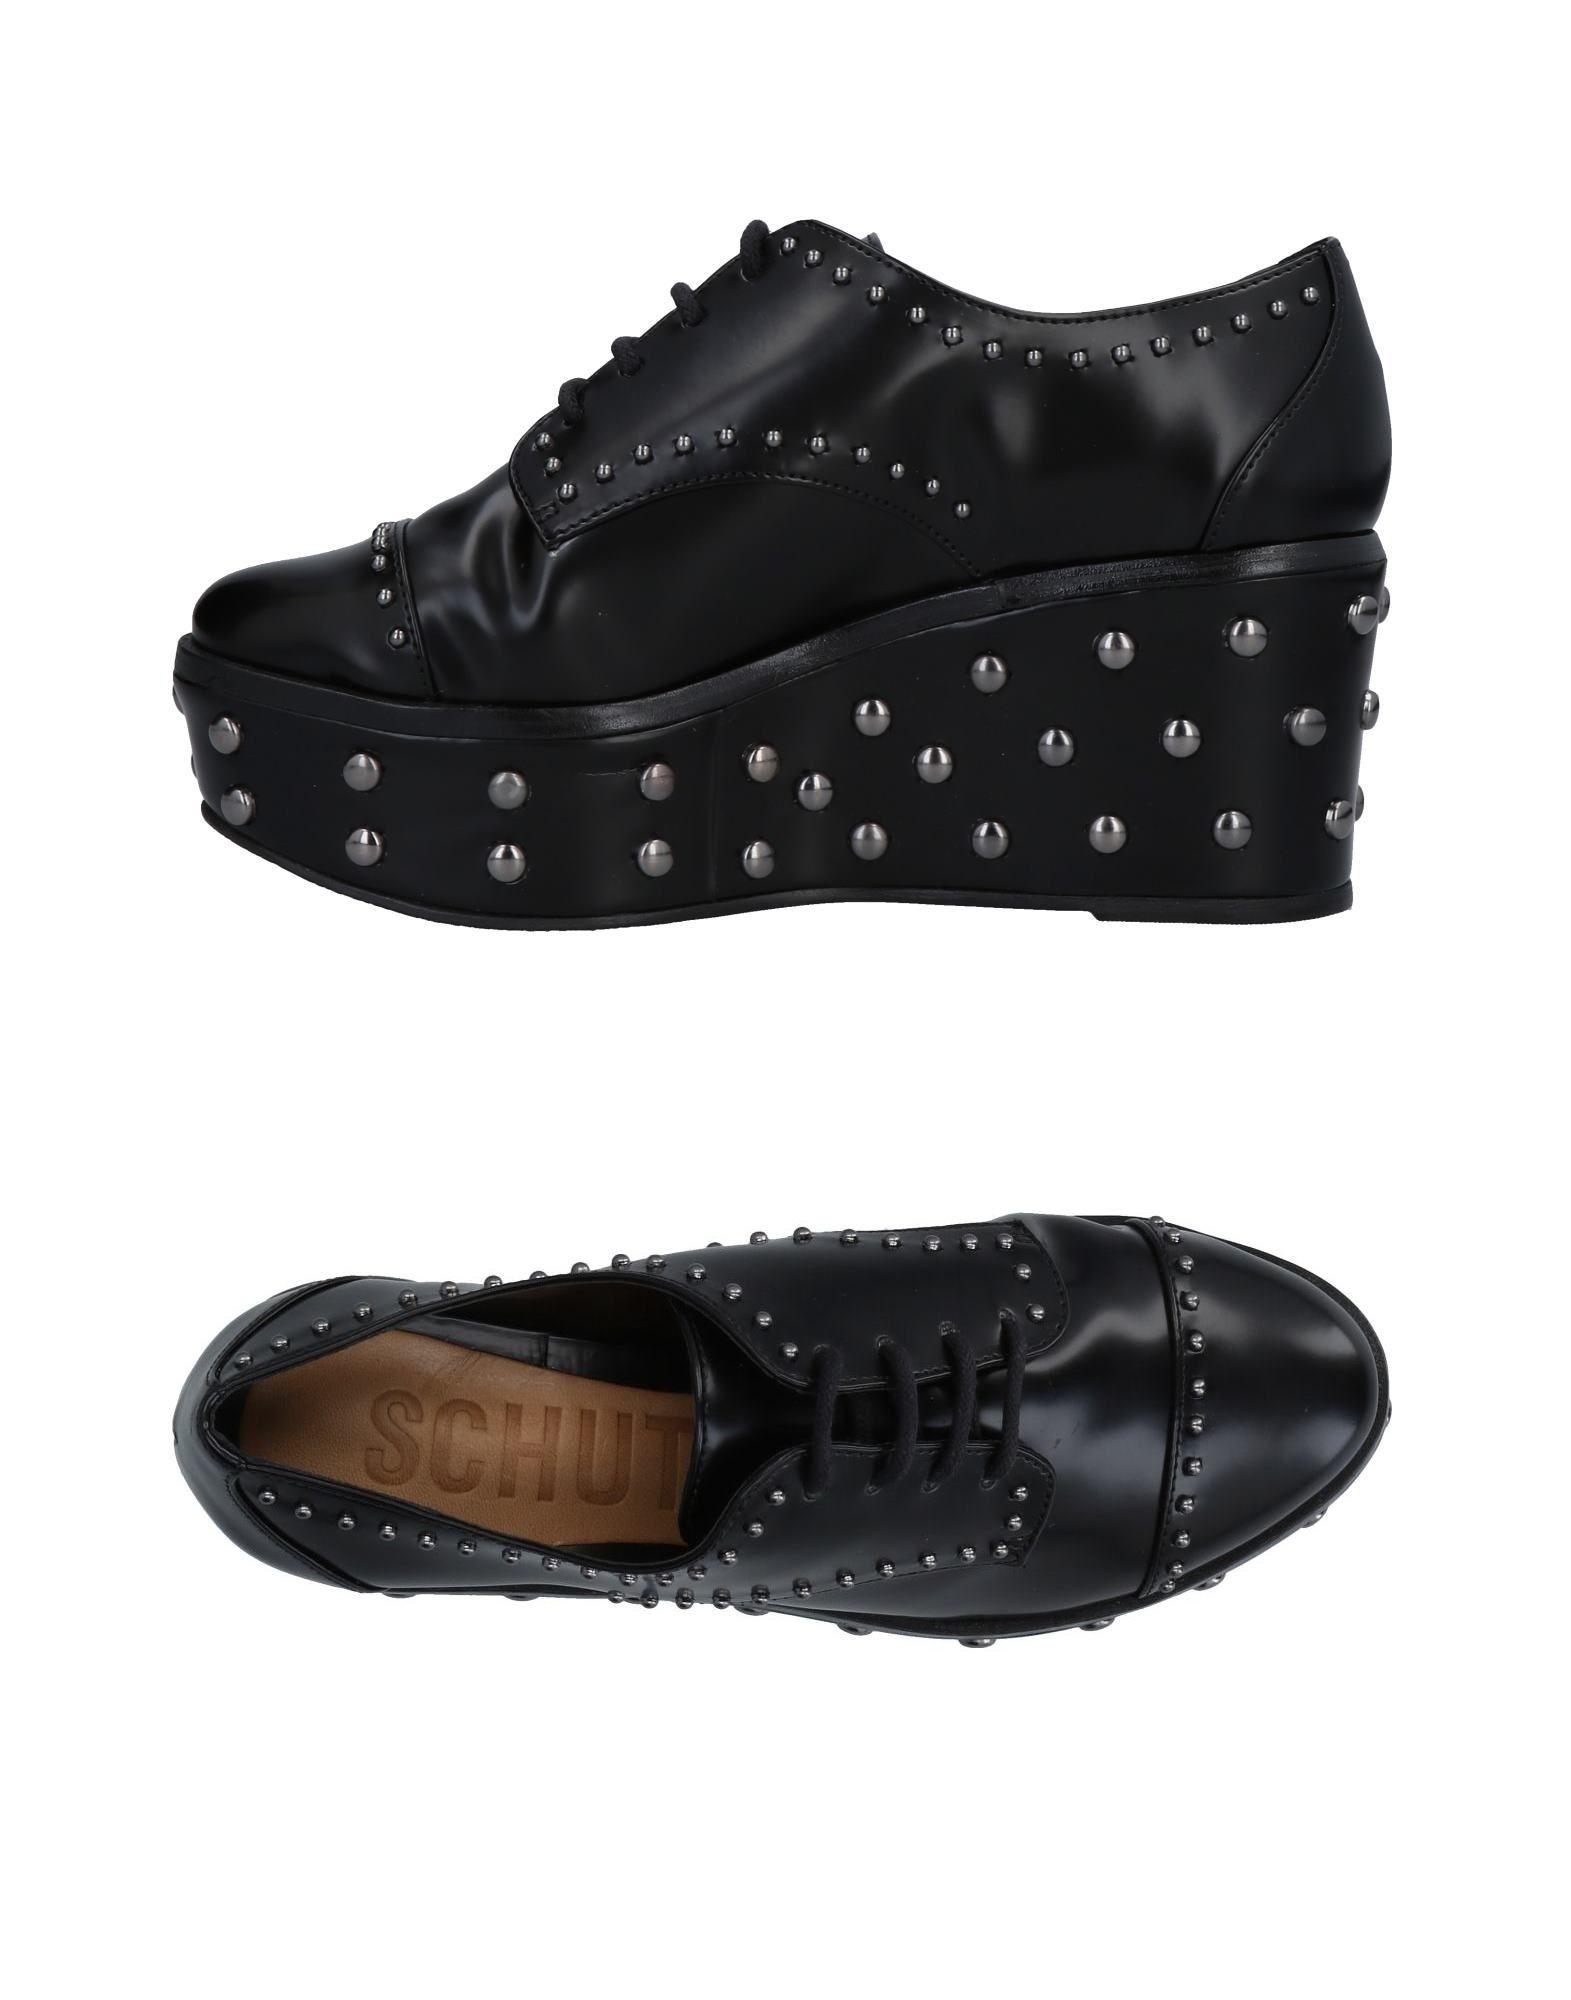 Negro Zapato De Cordones Schutz Mujer - - - Zapatos De Cordones Schutz Nuevos zapatos para  hombres  y mujeres, descuento por tiempo limitado 3e0d41